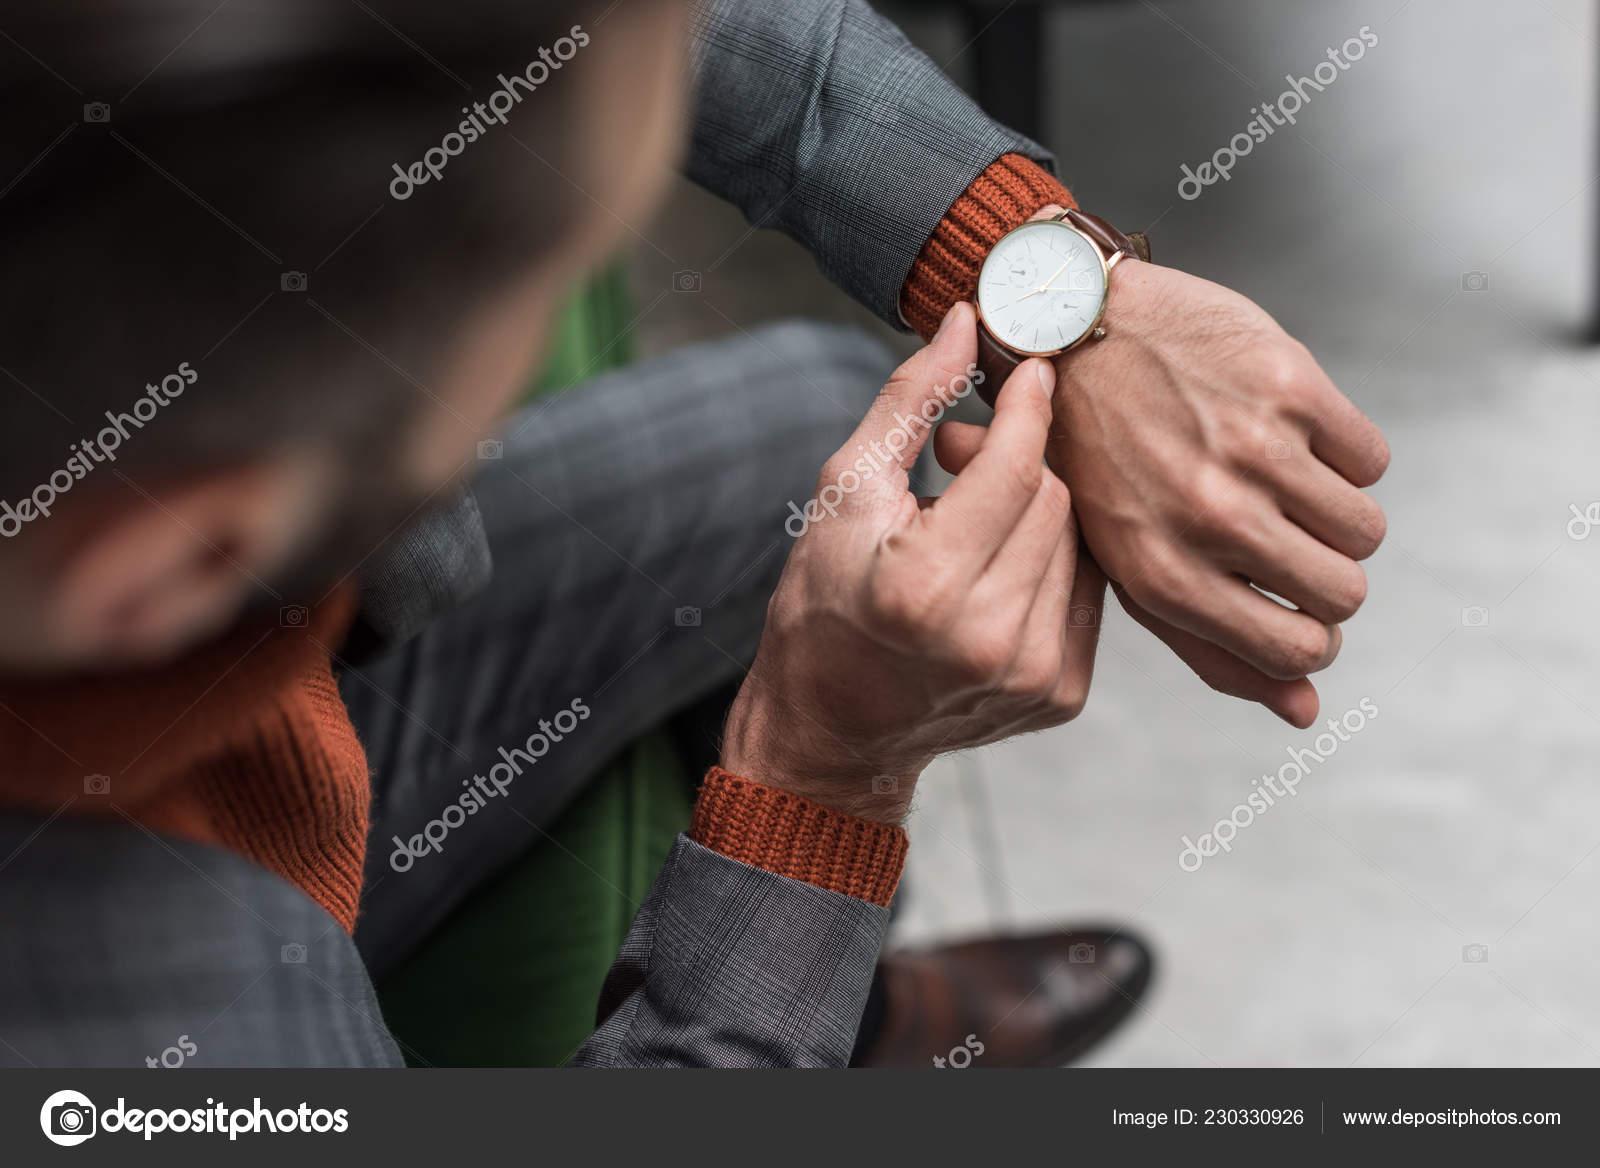 Cerrar Vista Hombre Ropa Formal Ajuste Reloj Mano — Foto de